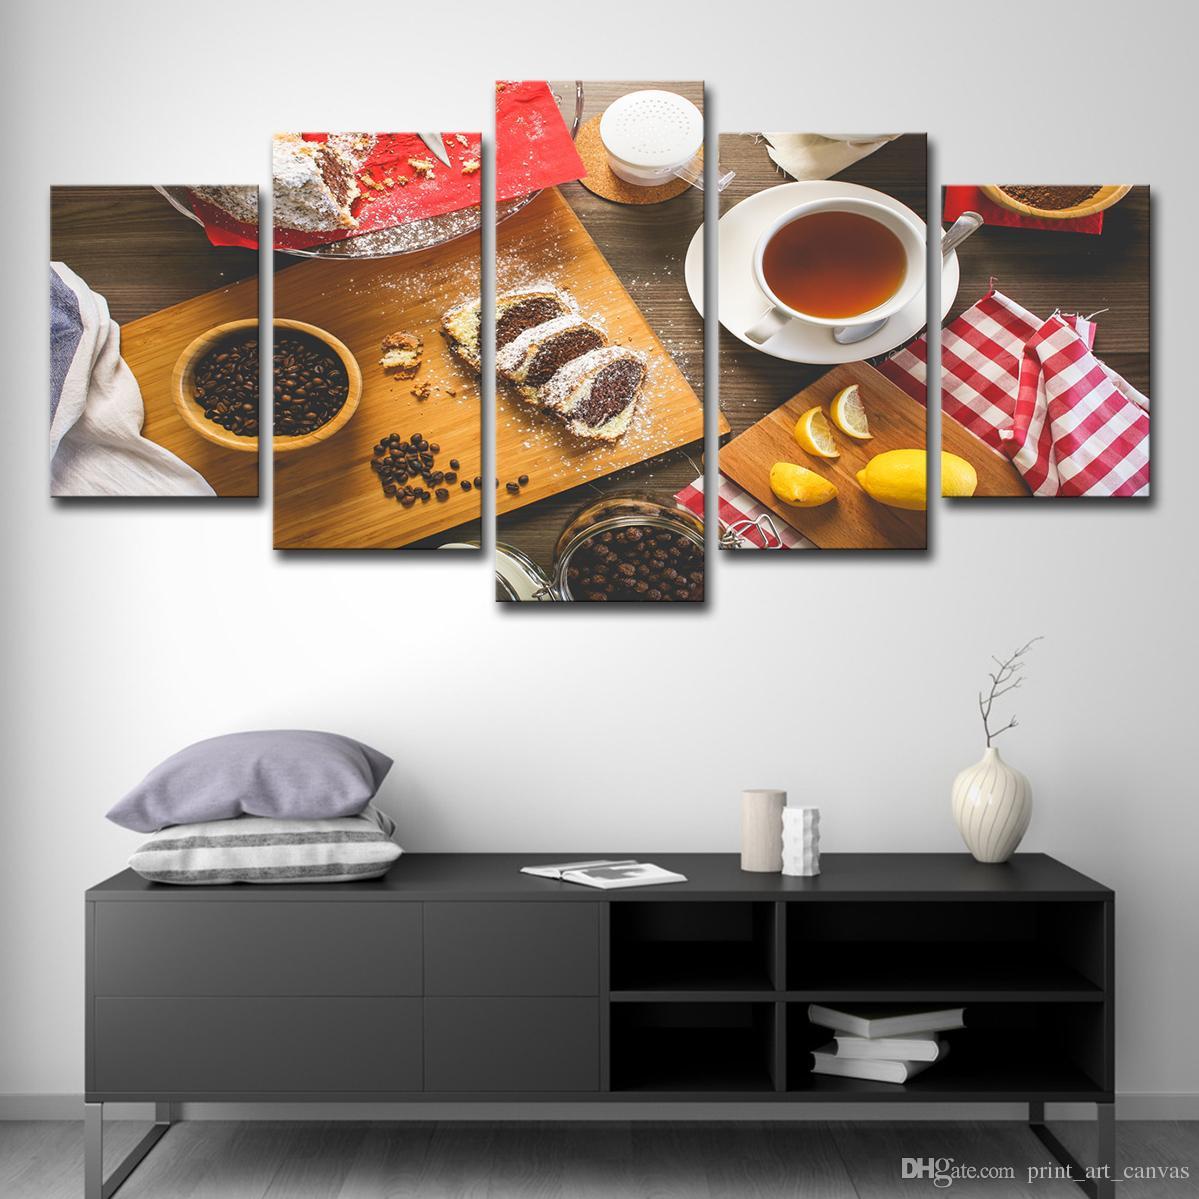 Leinwand Bilder Küche Wand Kunst Wohnkultur Restaurant 5 Stücke Obst  Lebensmittel Kaffee Kuchen Malerei Moderne HD Gedruckt Poster